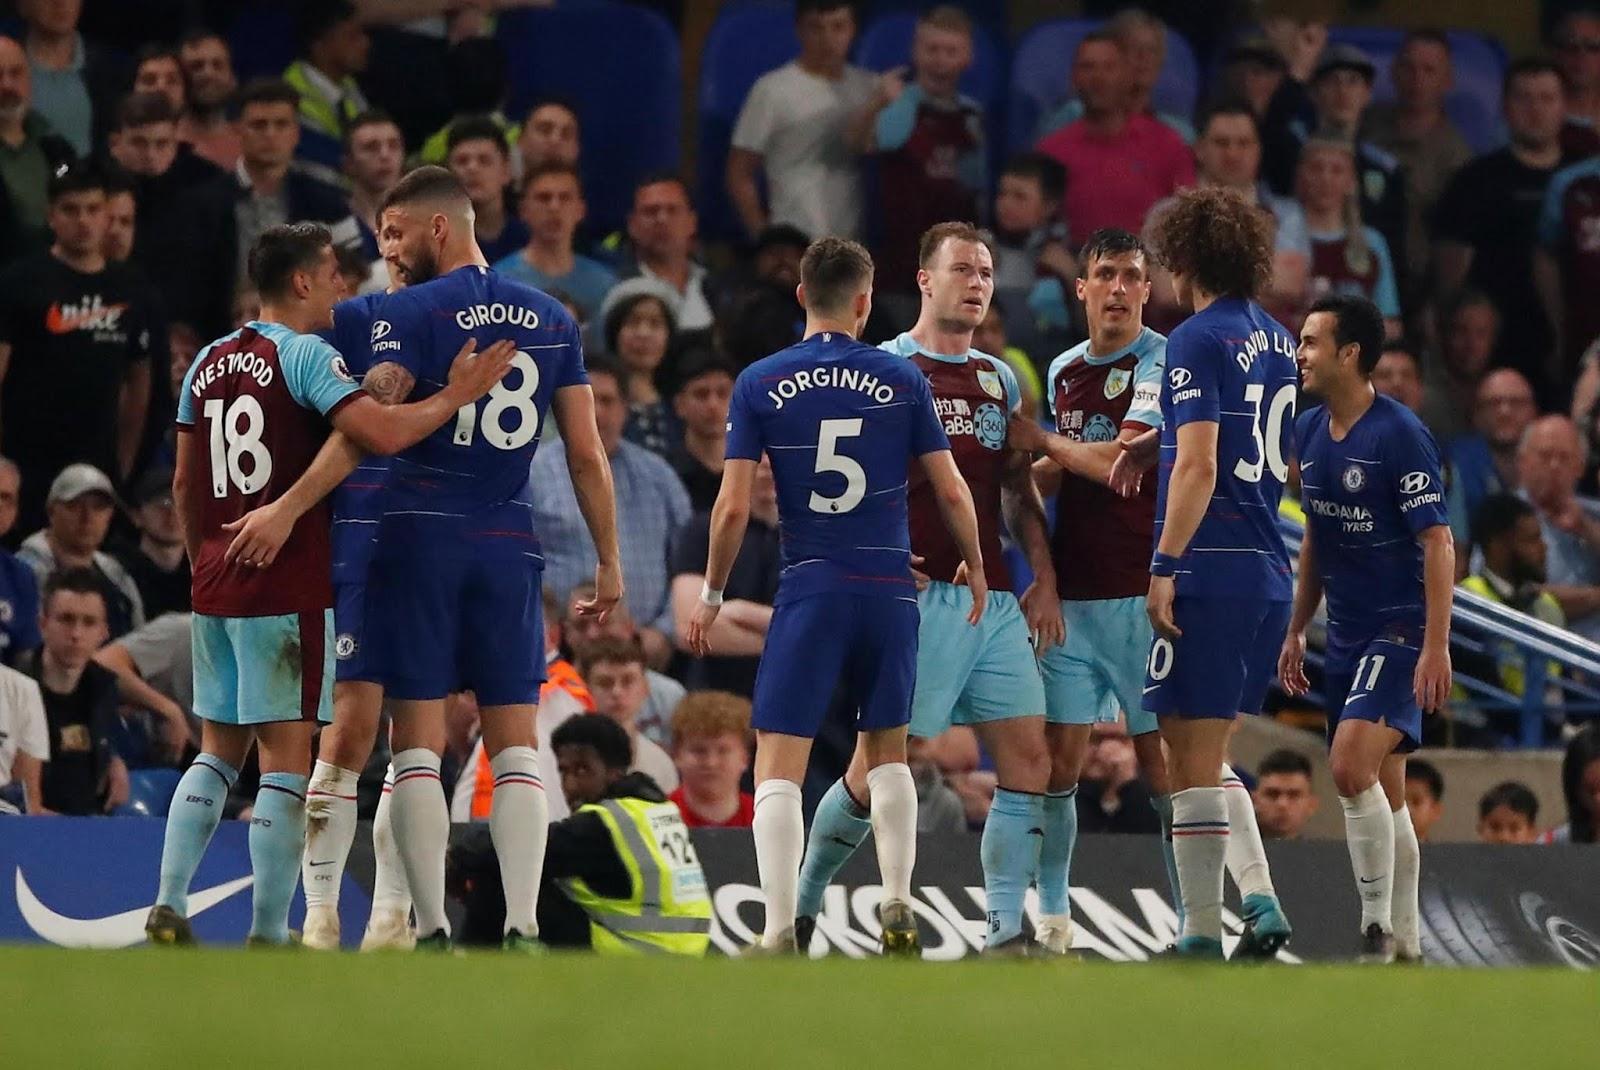 Berakhir 4 Besar, Chelsea Capai Bidikan di Liga Inggris